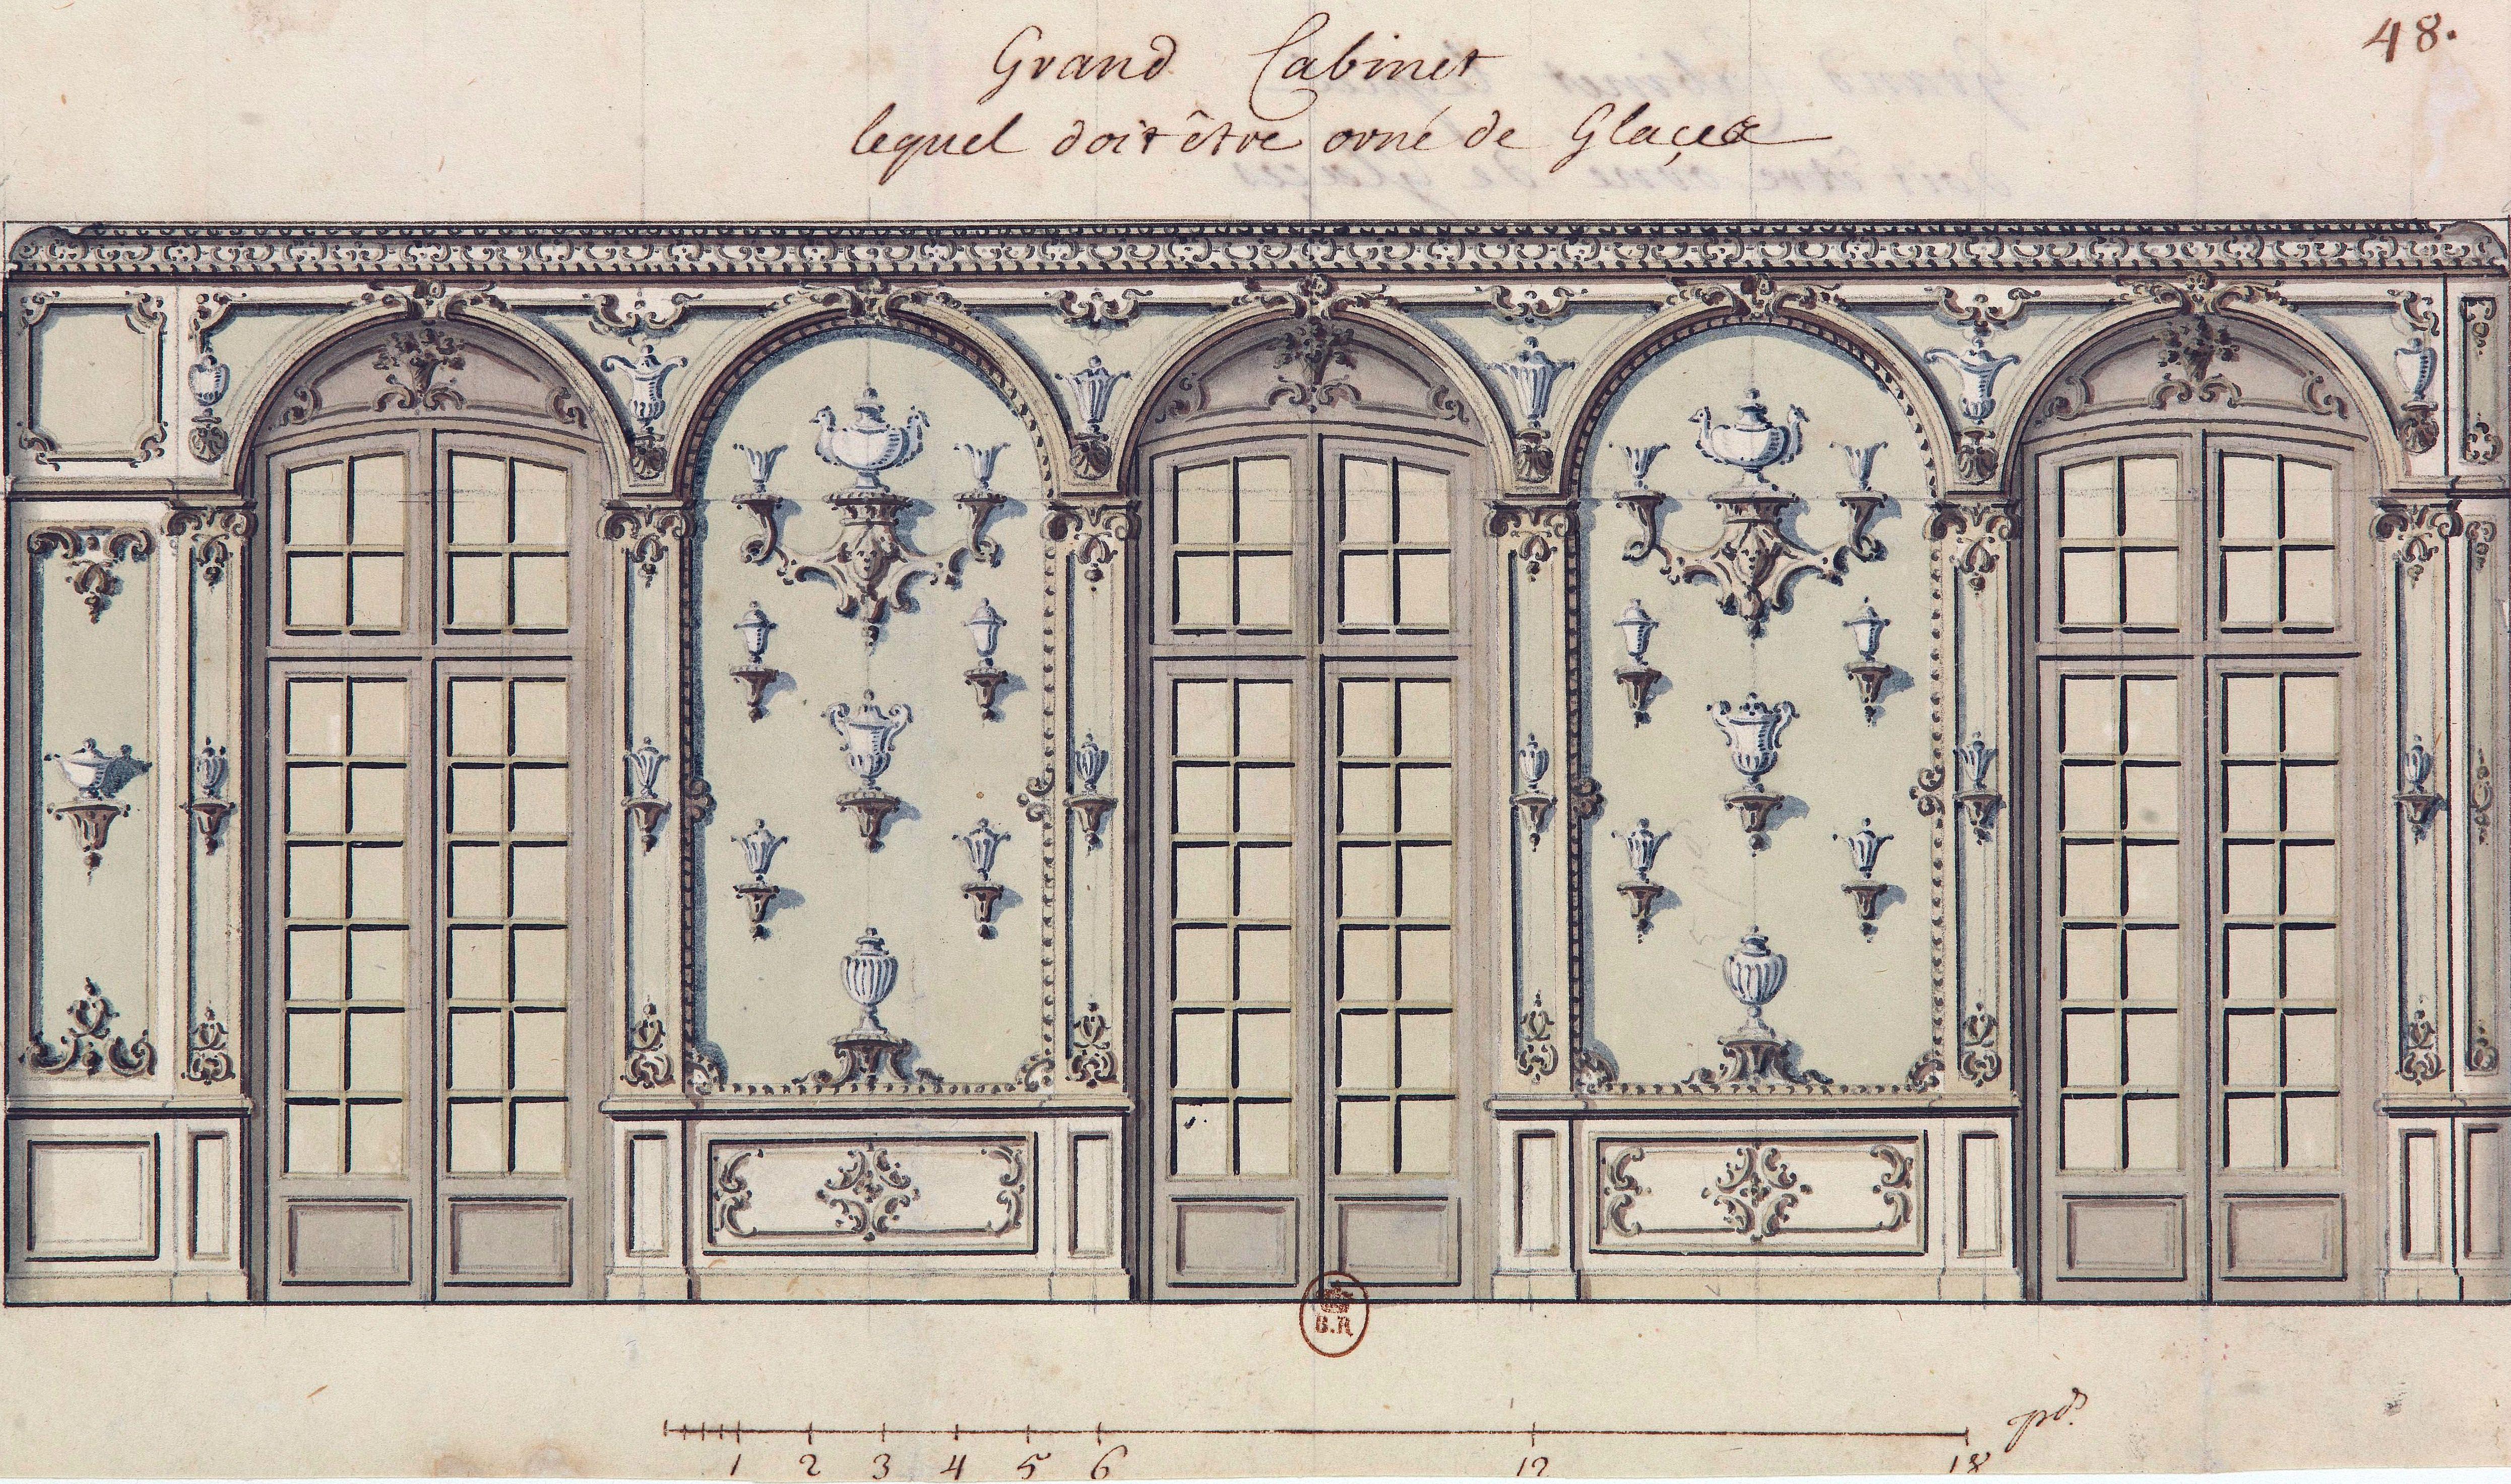 Decoraci n para el gabinete de espejos del palacio del for Decoracion de espejos